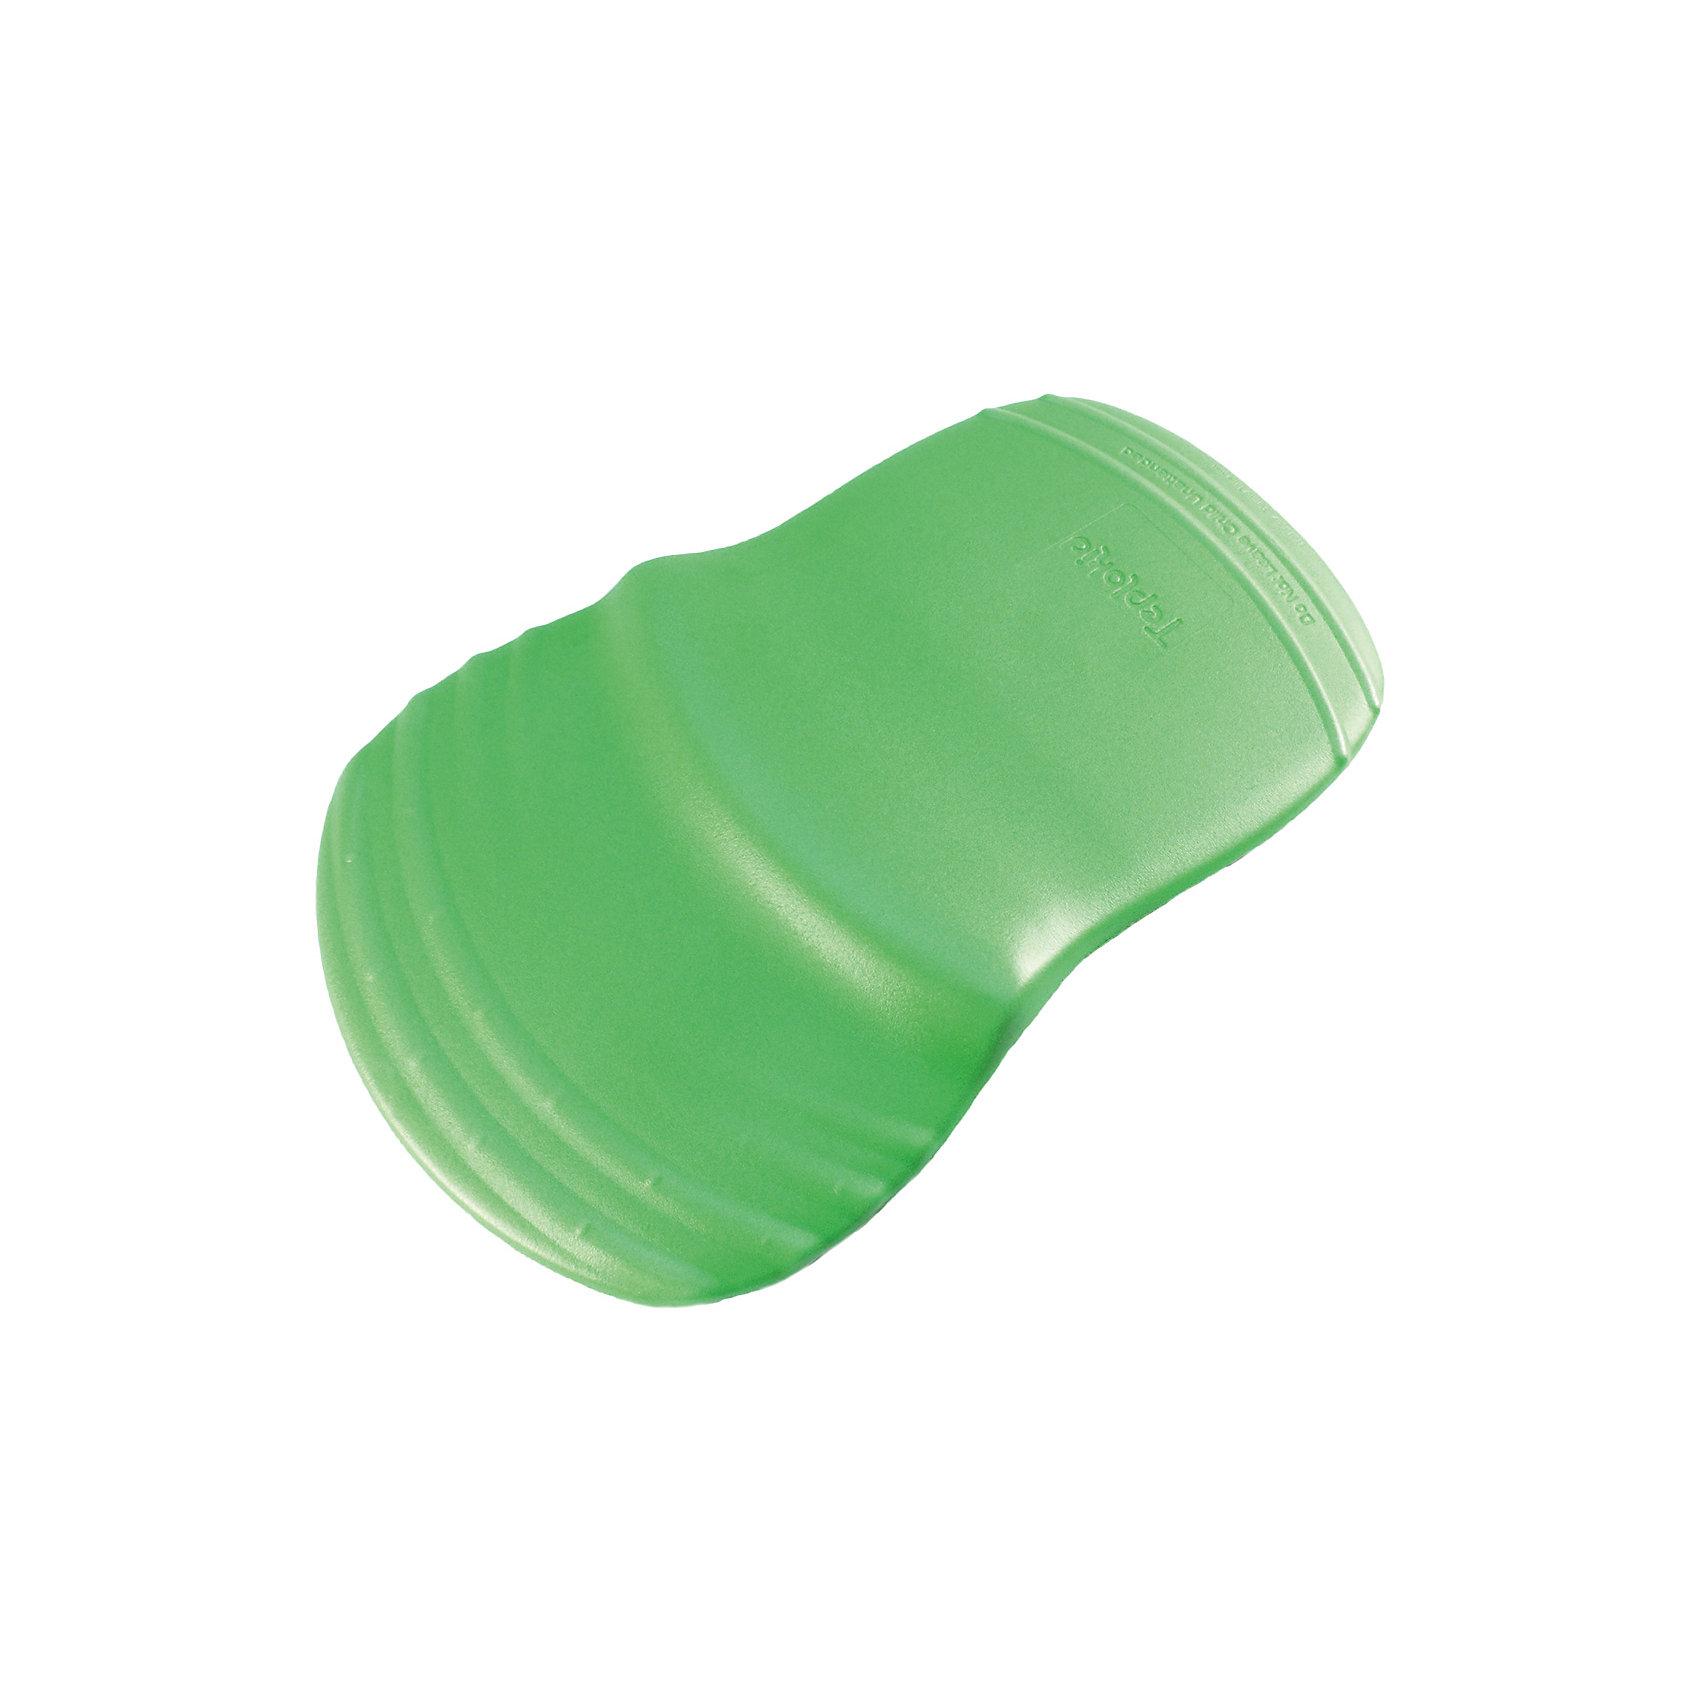 Массажный коврик, Teplokid, зеленыйВсе для пеленания<br>Безопасность малыша – важная часть игр и развития. Коврик для детей  Teplokid изготовлен из вспененного материала. Верхний слой модели мягкий и приятный на ощупь. Коврик имеет специальные бортики в середине, которые слегка фиксируют малыша в горизонтальном положением, что удобно, например, при массаже. По всему коврику установлены углубления для прохождения воздуха по всей поверхности во избежание опрелостей. Все материалы, использованные при разработке и изготовлении коврика безопасны для использования, отвечают всем требованиям экологичности и качества детских товаров, а так же гипоаллергенны.<br><br>Дополнительная информация:<br><br>цвет: зеленый.<br><br>Коврики Teplokid для игры и массажа можно приобрести в нашем магазине.<br><br>Ширина мм: 670<br>Глубина мм: 60<br>Высота мм: 400<br>Вес г: 150<br>Возраст от месяцев: 0<br>Возраст до месяцев: 12<br>Пол: Унисекс<br>Возраст: Детский<br>SKU: 4968139